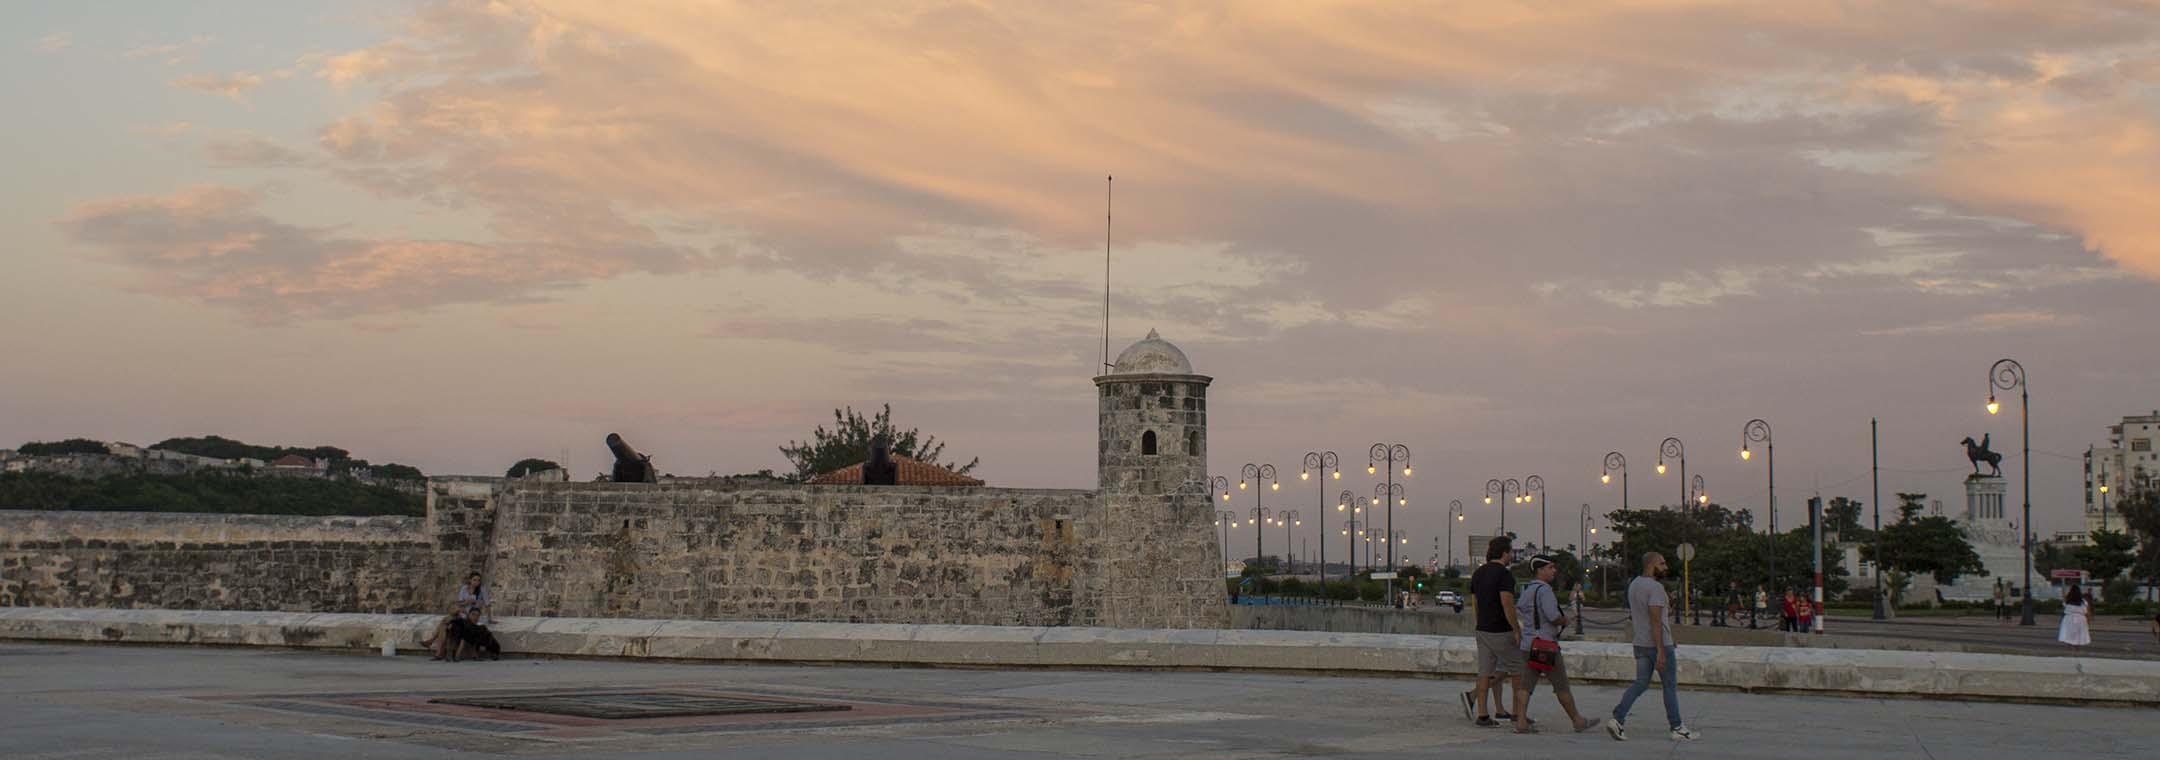 Reisgids Cuba Malecon zonsondergang